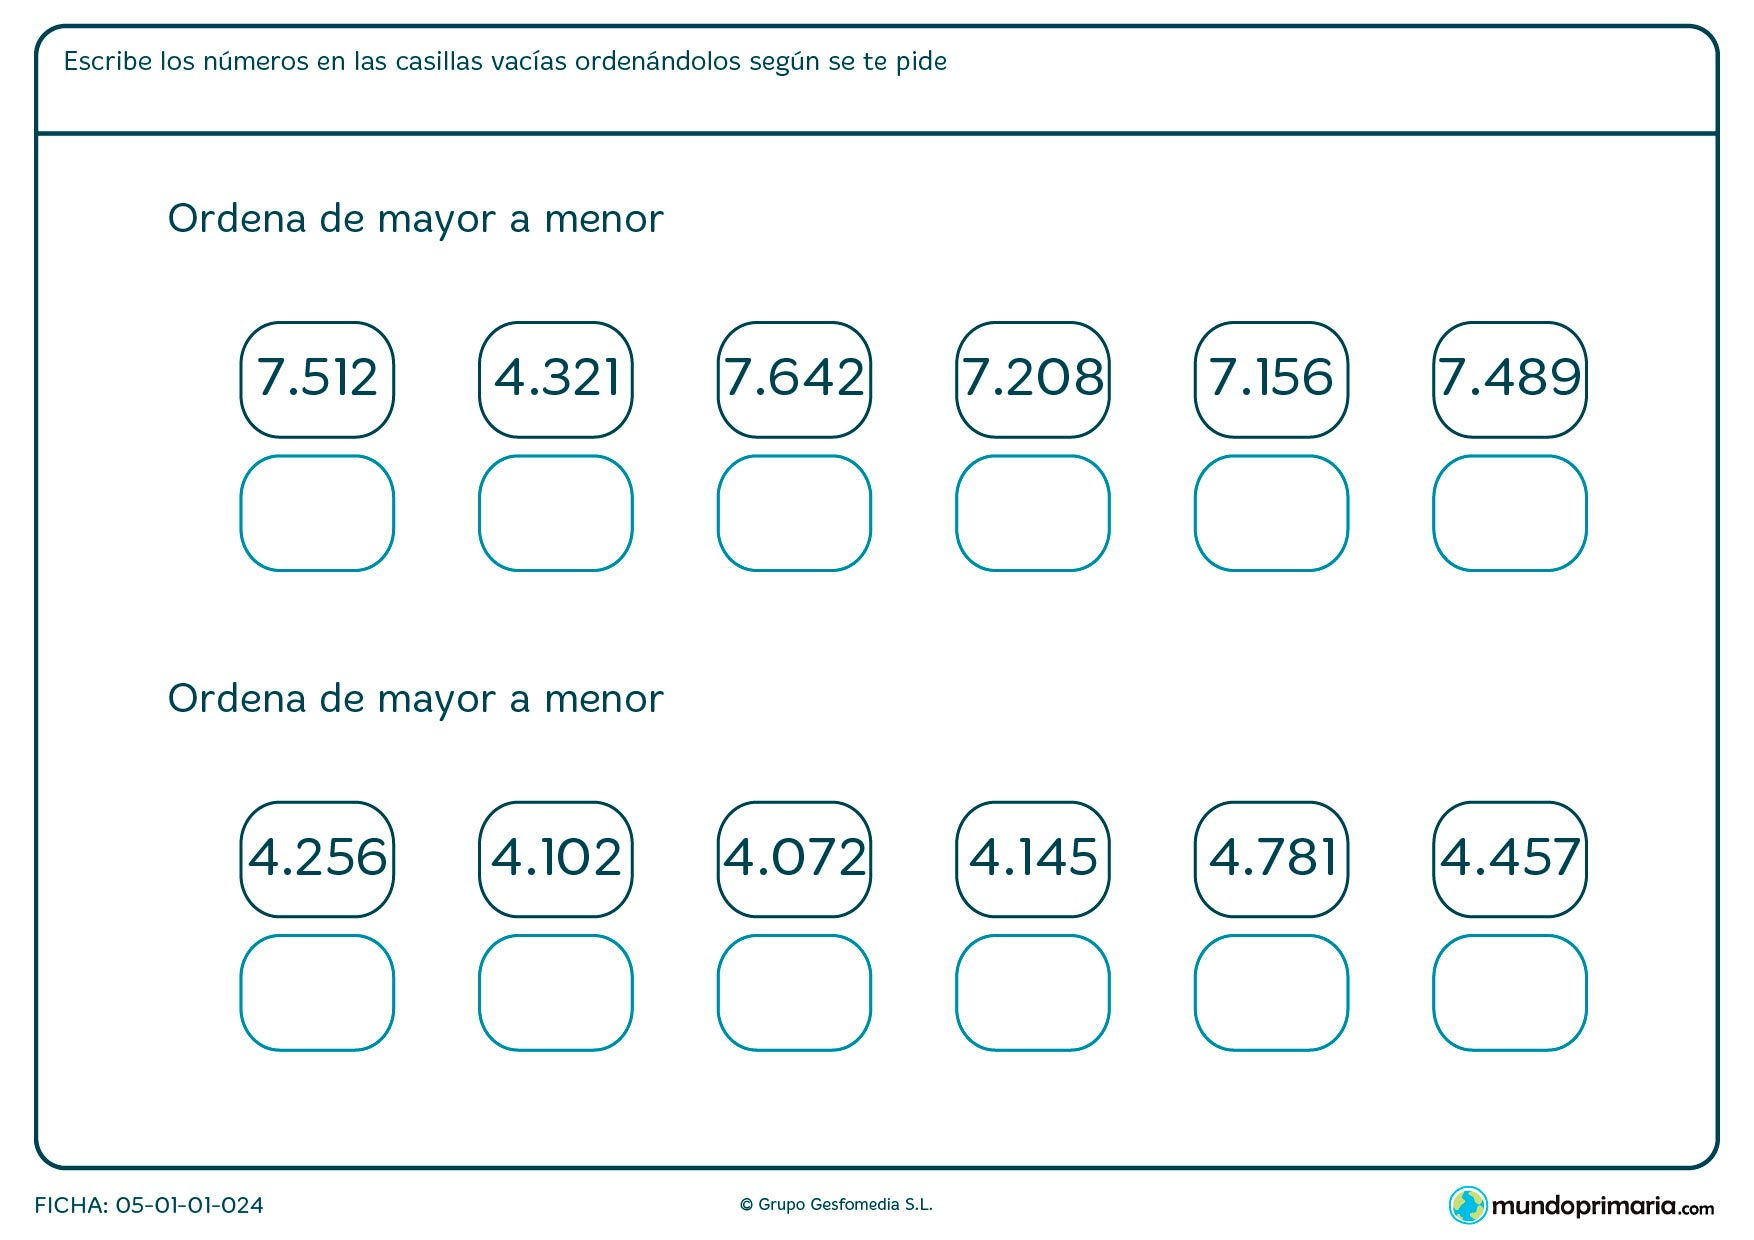 Ficha de ordenación de números del mayor hasta el menor.